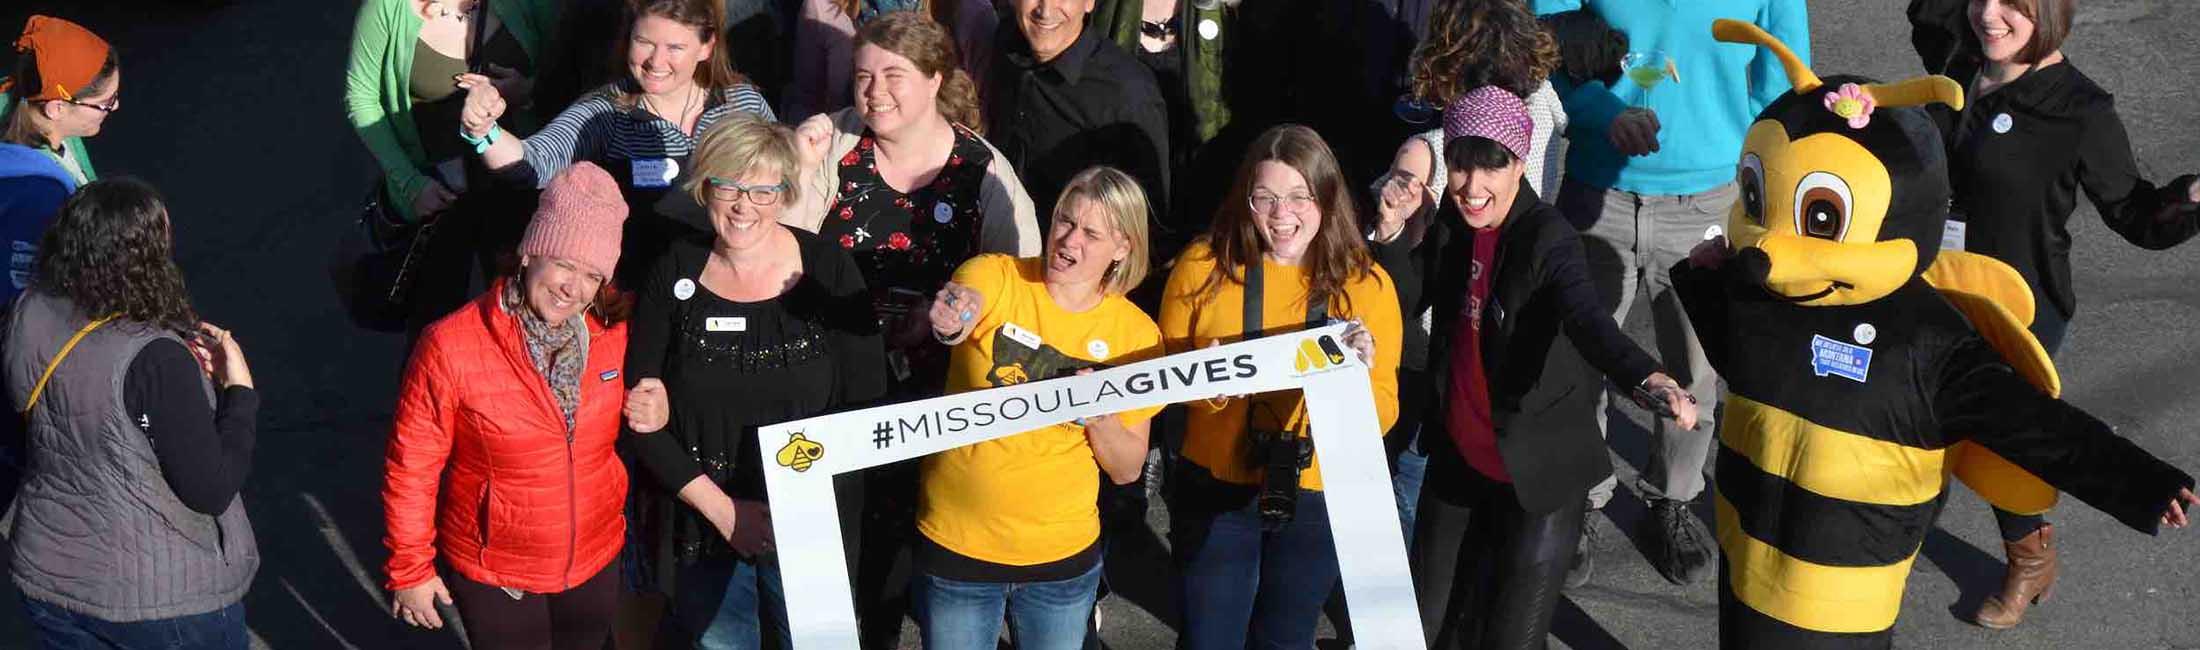 INSPIRE Missoula: Missoula Gives